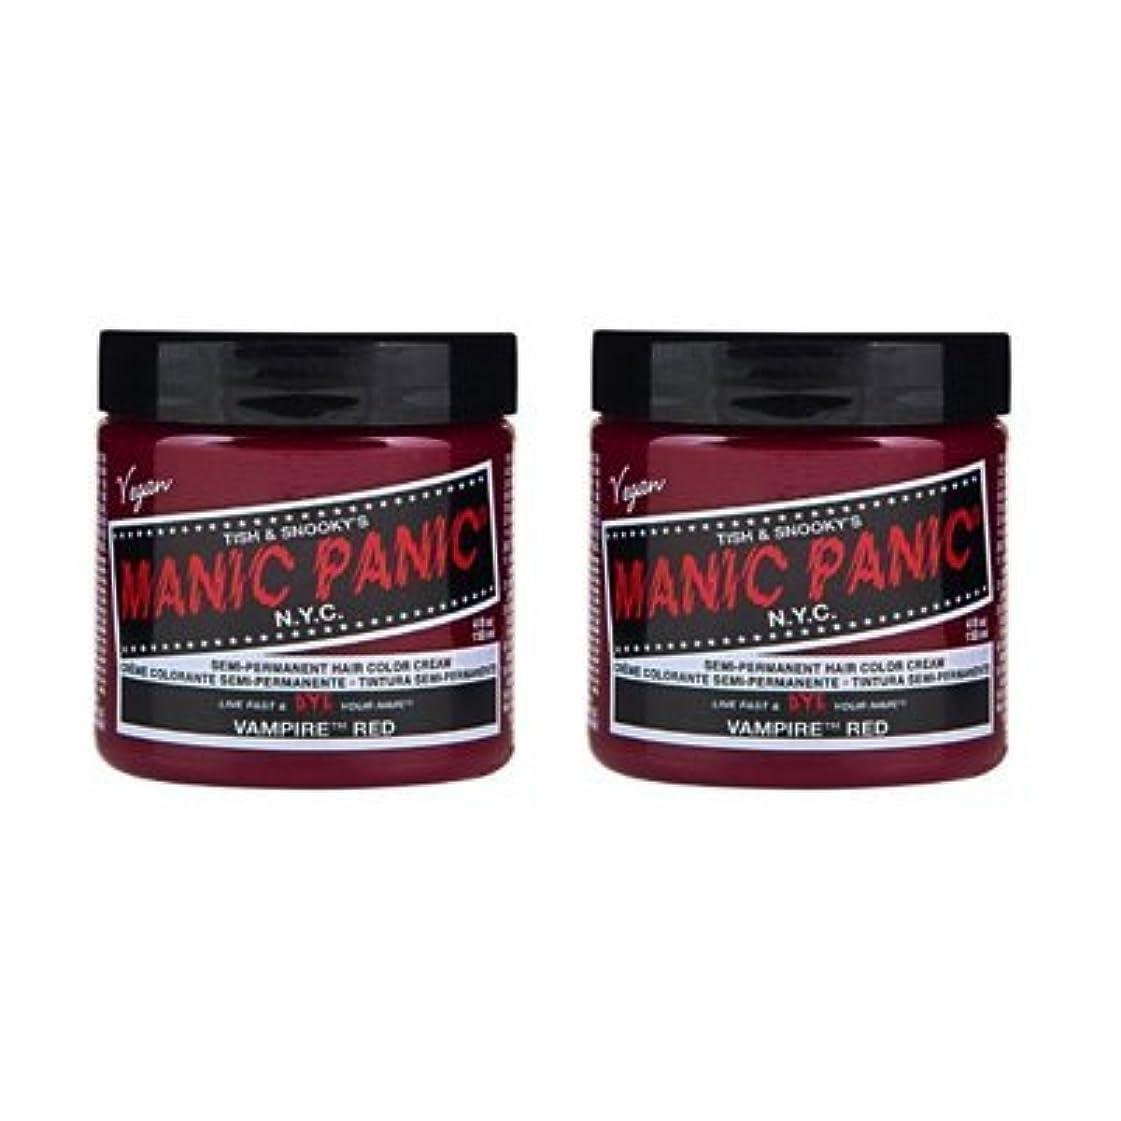 引き出し検索エンジン最適化中間【2個セット】MANIC PANIC マニックパニック Vampire Red (ヴァンパイア?レッド) 118ml